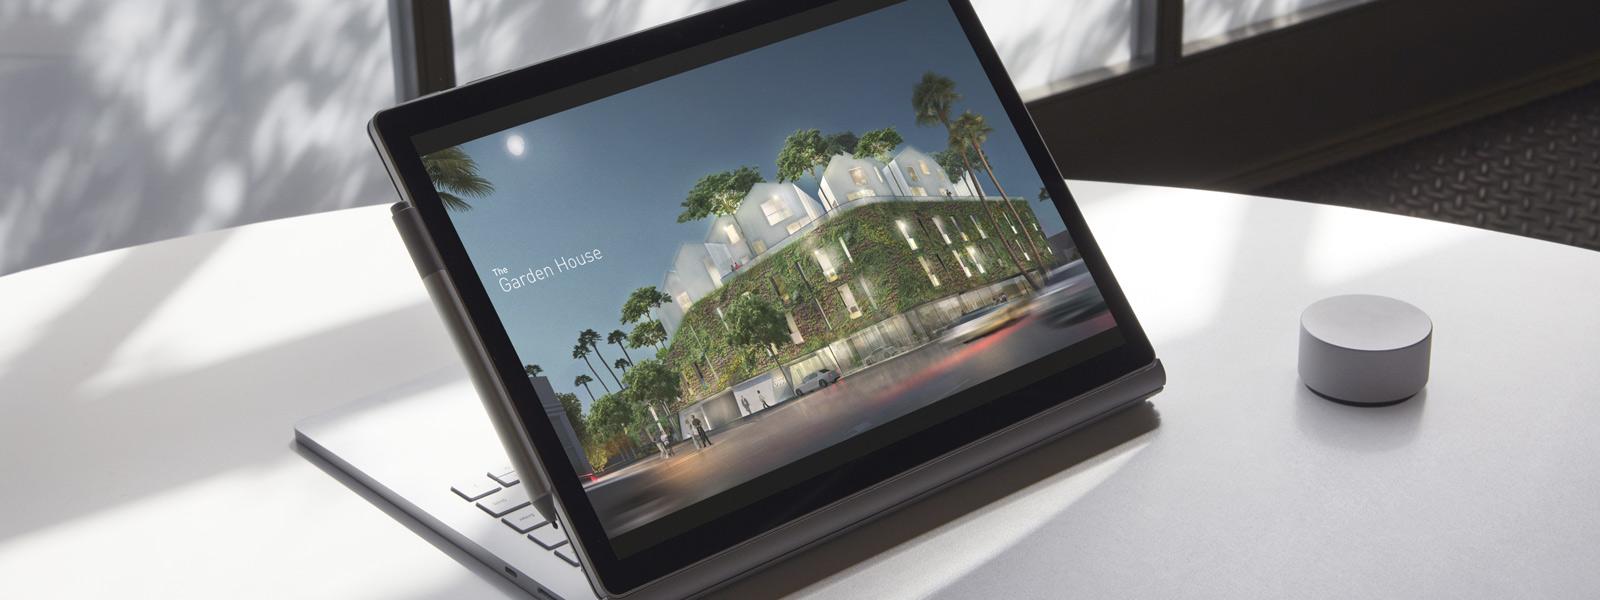 Surface Book 2 放在窗邊的桌上